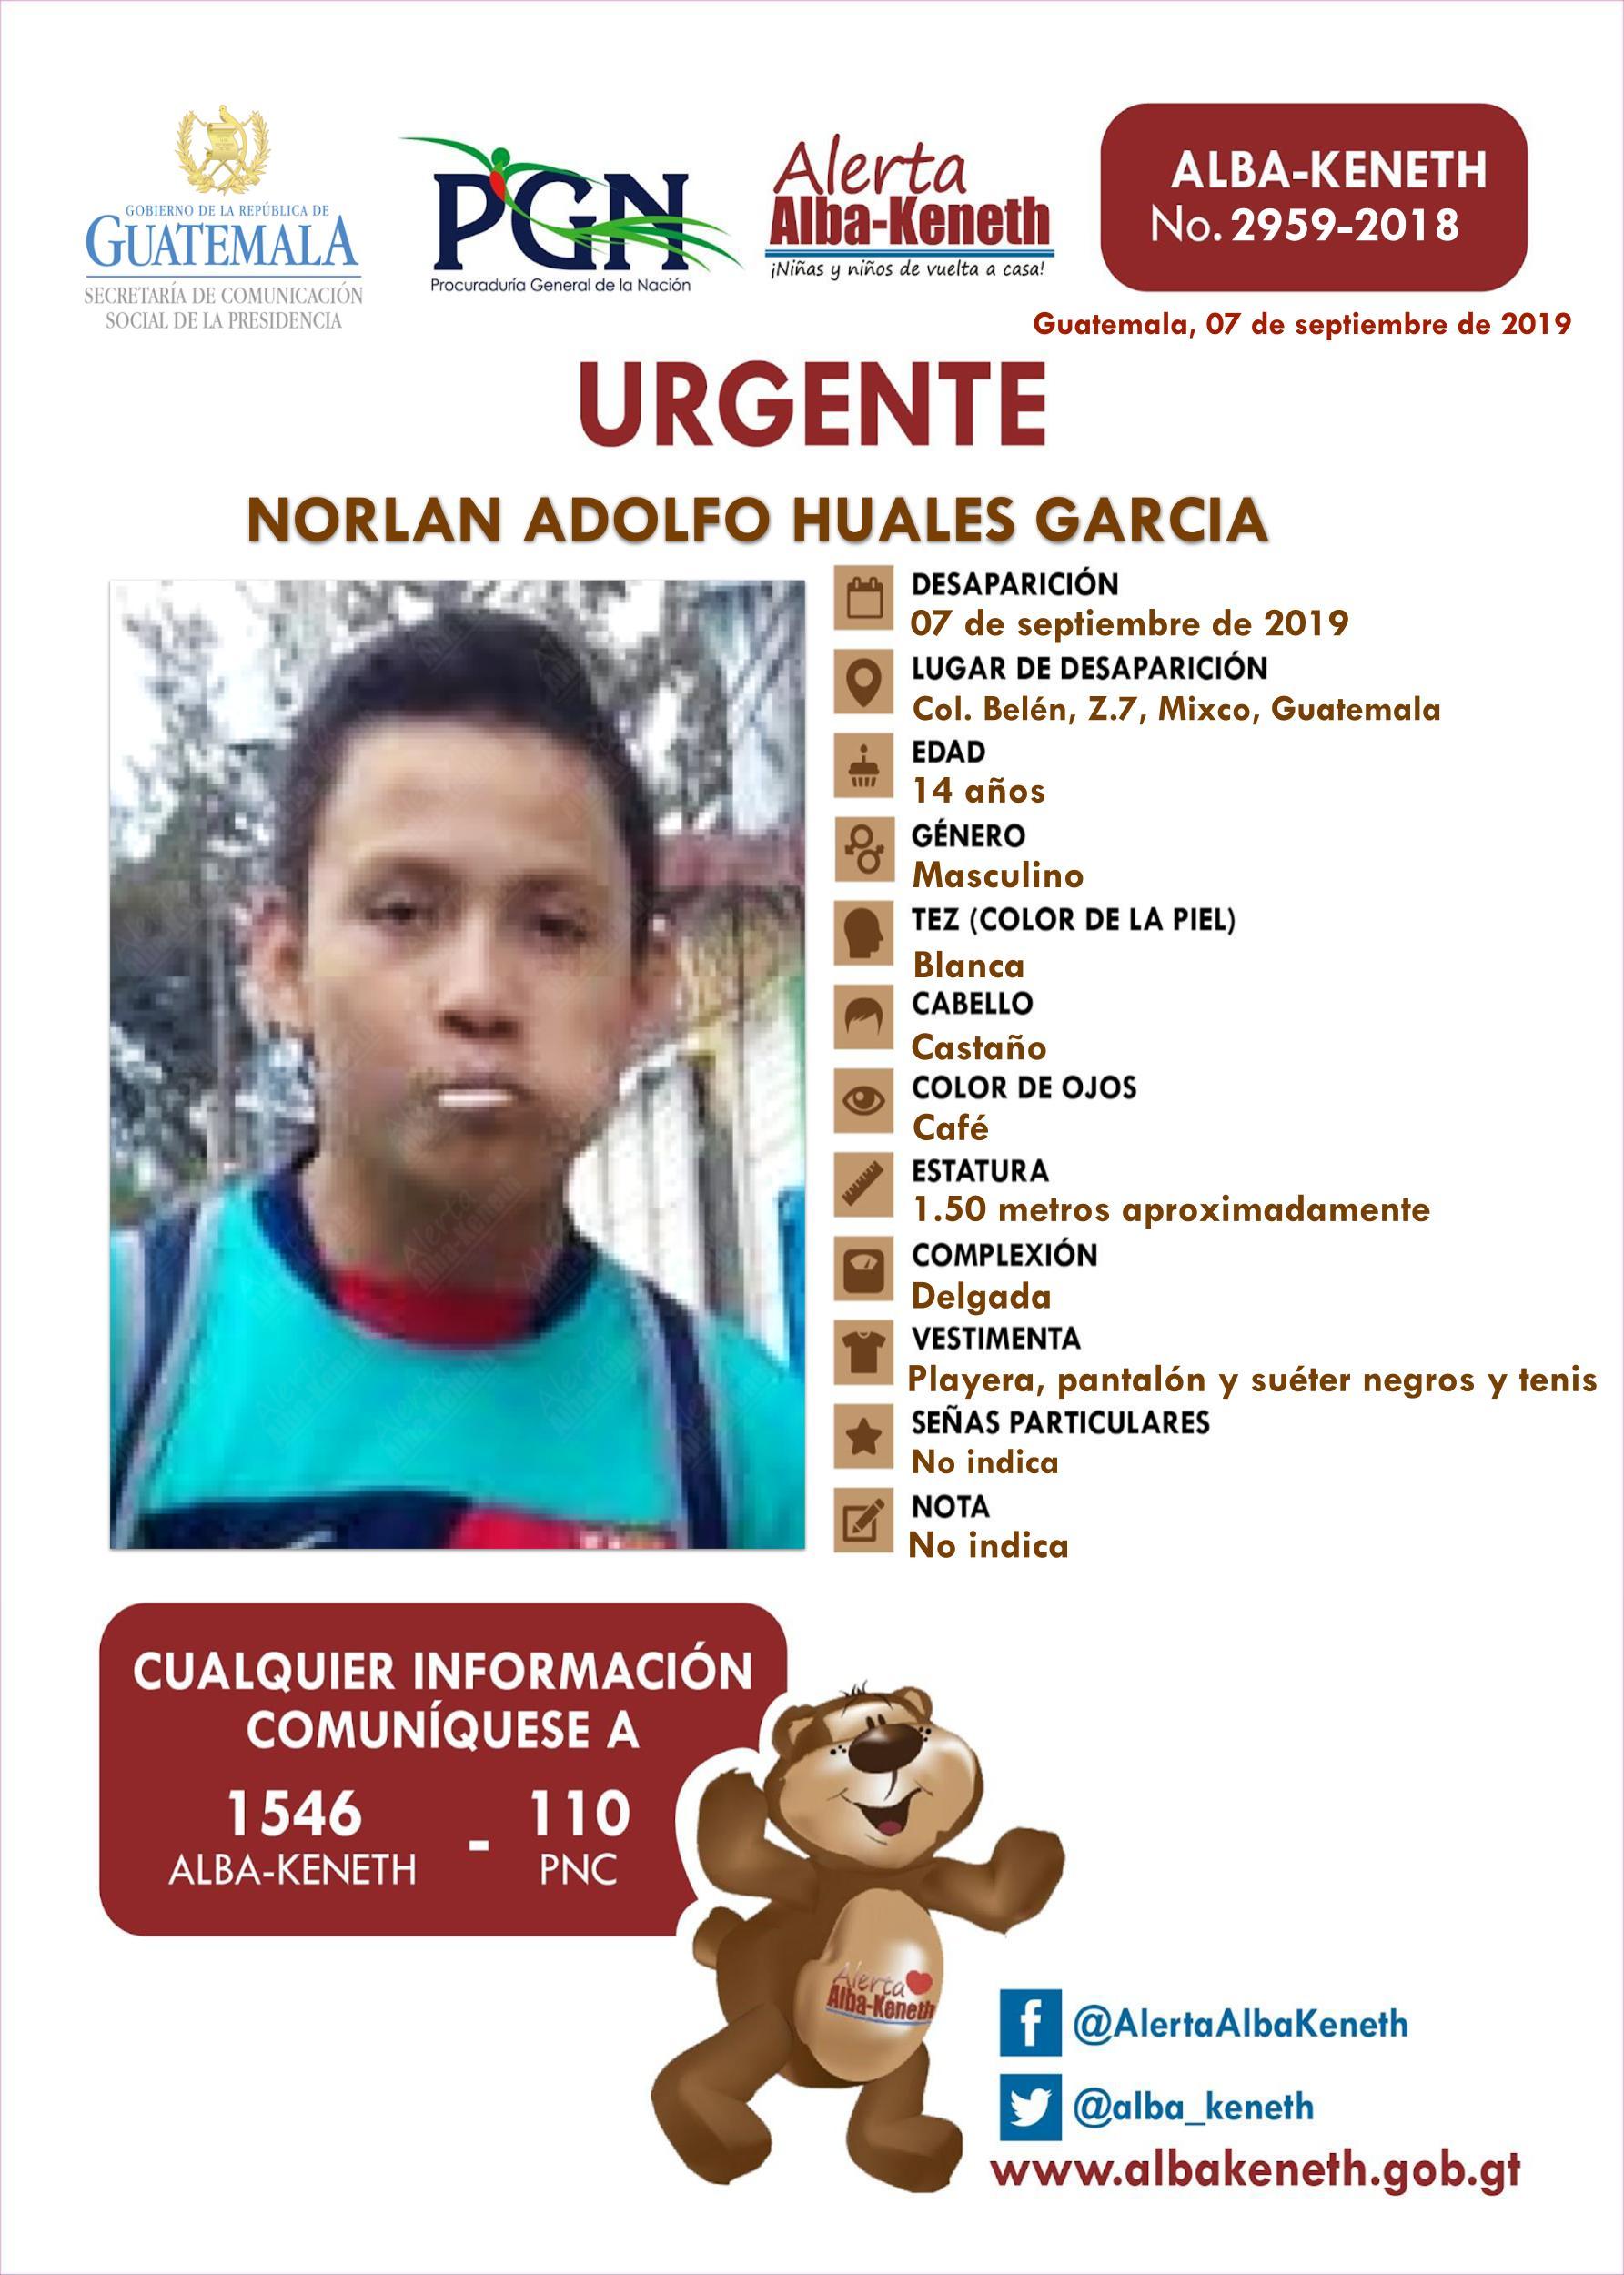 Norlan Adolfo Huales Garcia